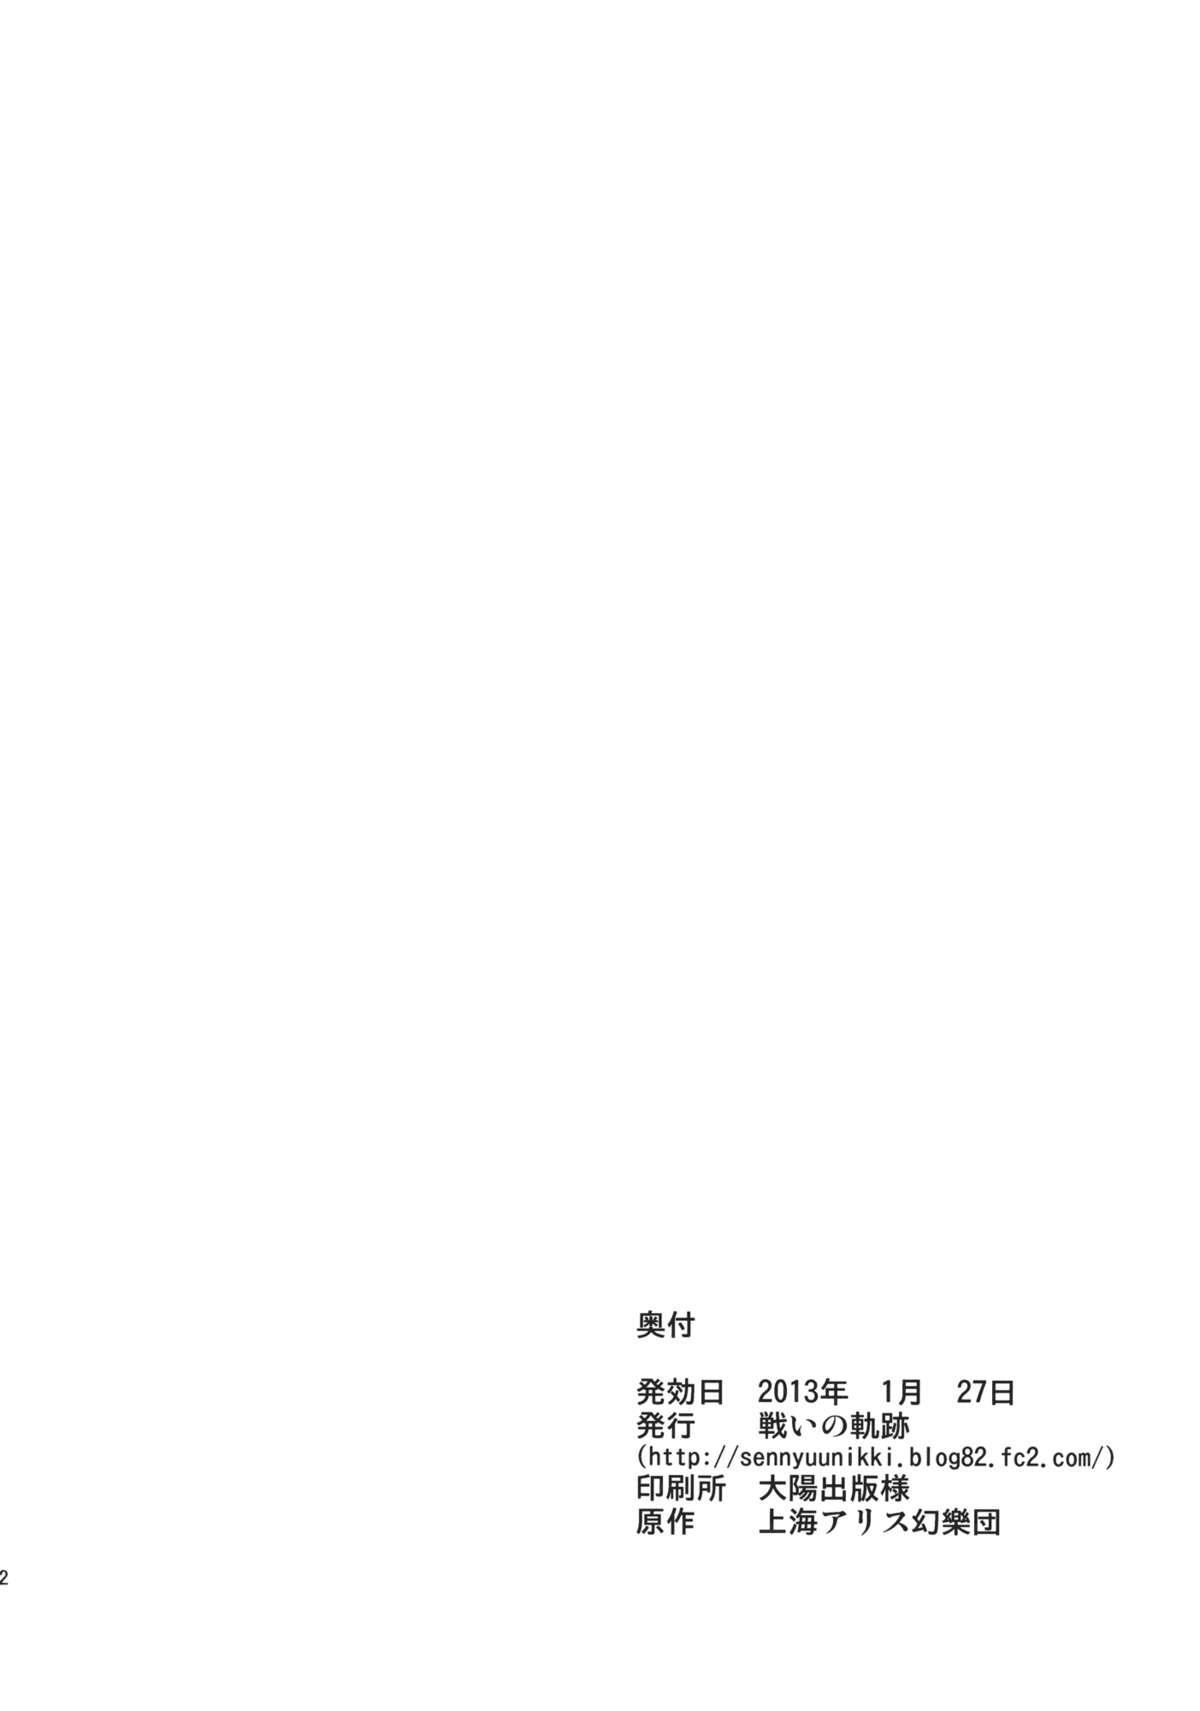 Kono Ato Futari ga Sex Shimasu 34